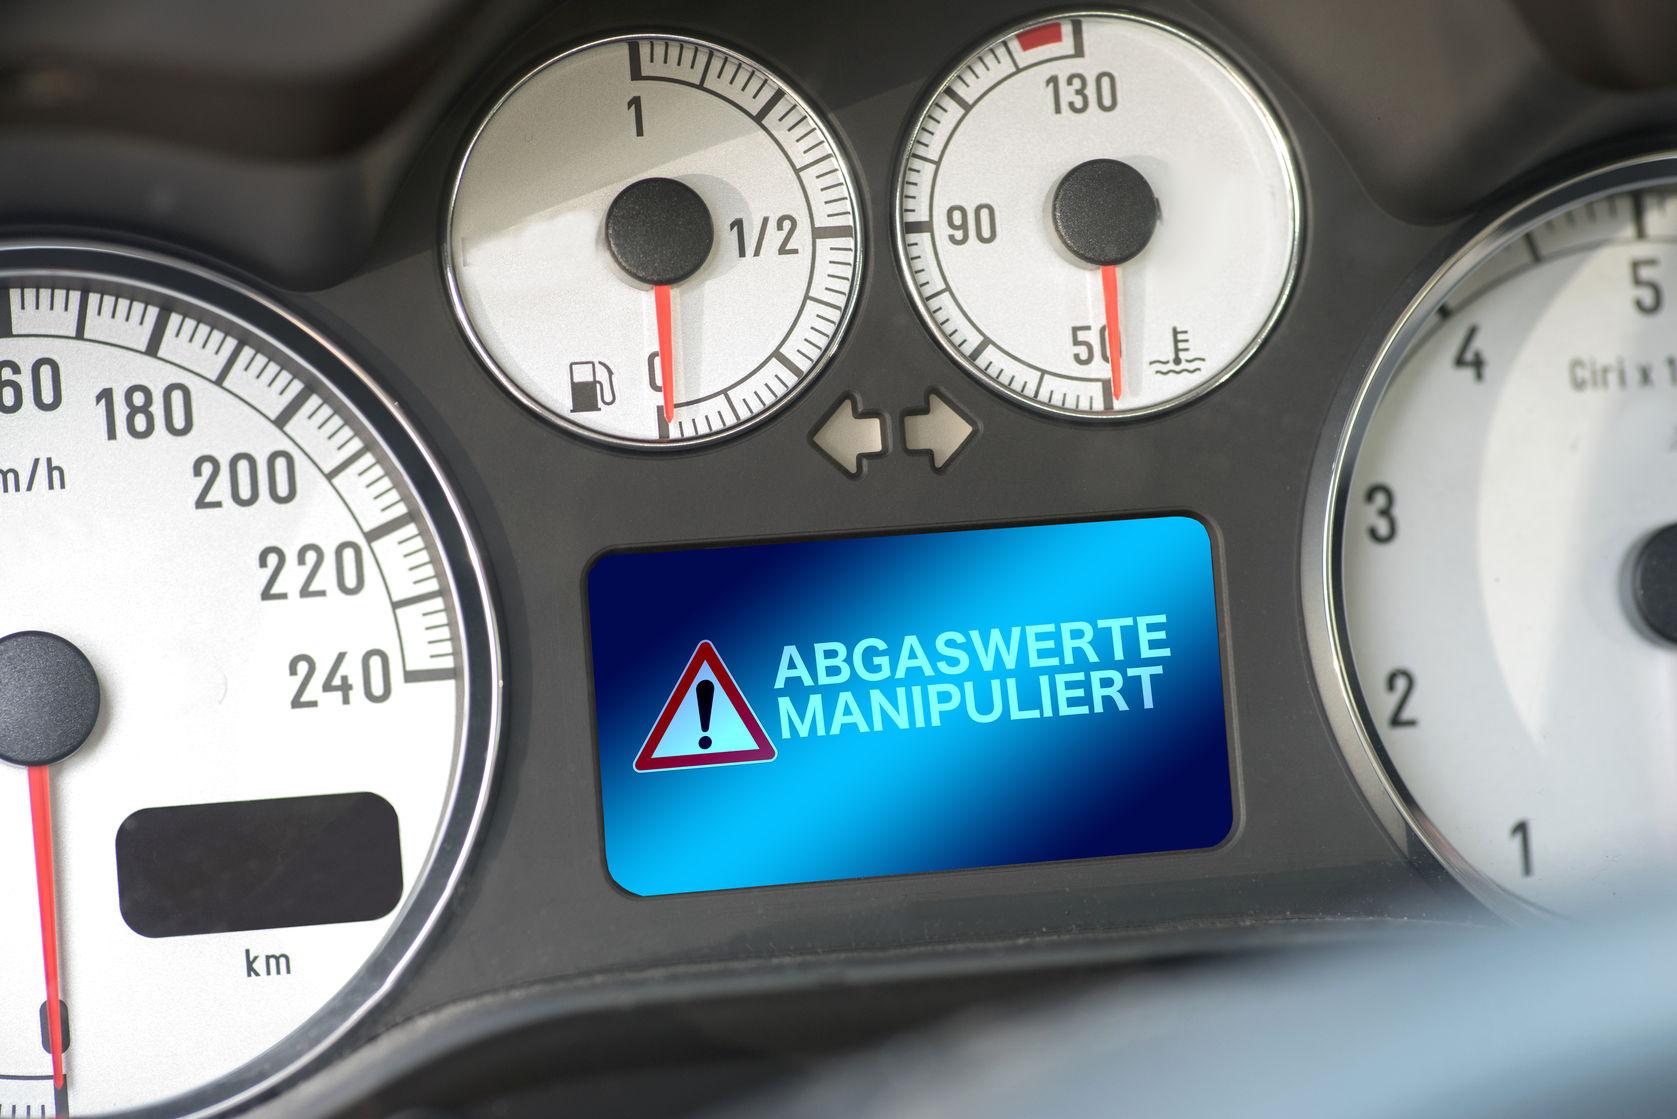 VW EA288 Abgasmanipulation